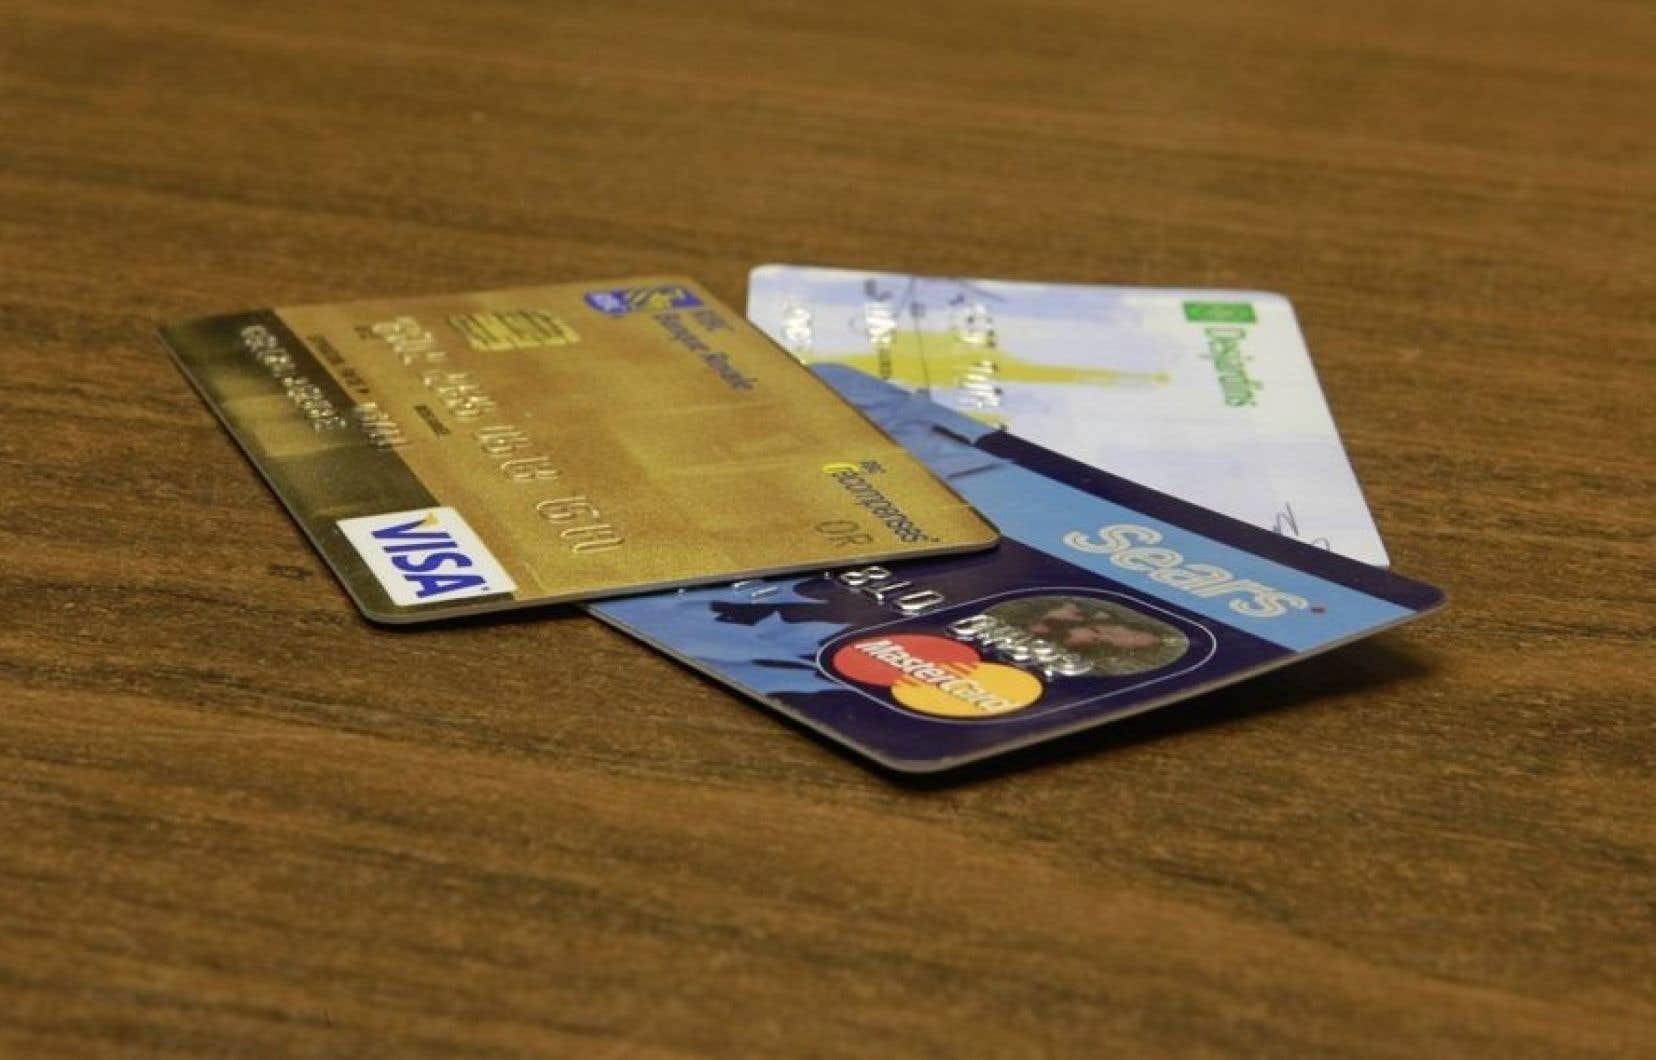 Le Bureau du commissaire de la concurrence avait déposé une plainte officielle auprès du tribunal en mai 2012, accusant Visa et MasterCard de s'adonner à des pratiques contraires à la concurrence.